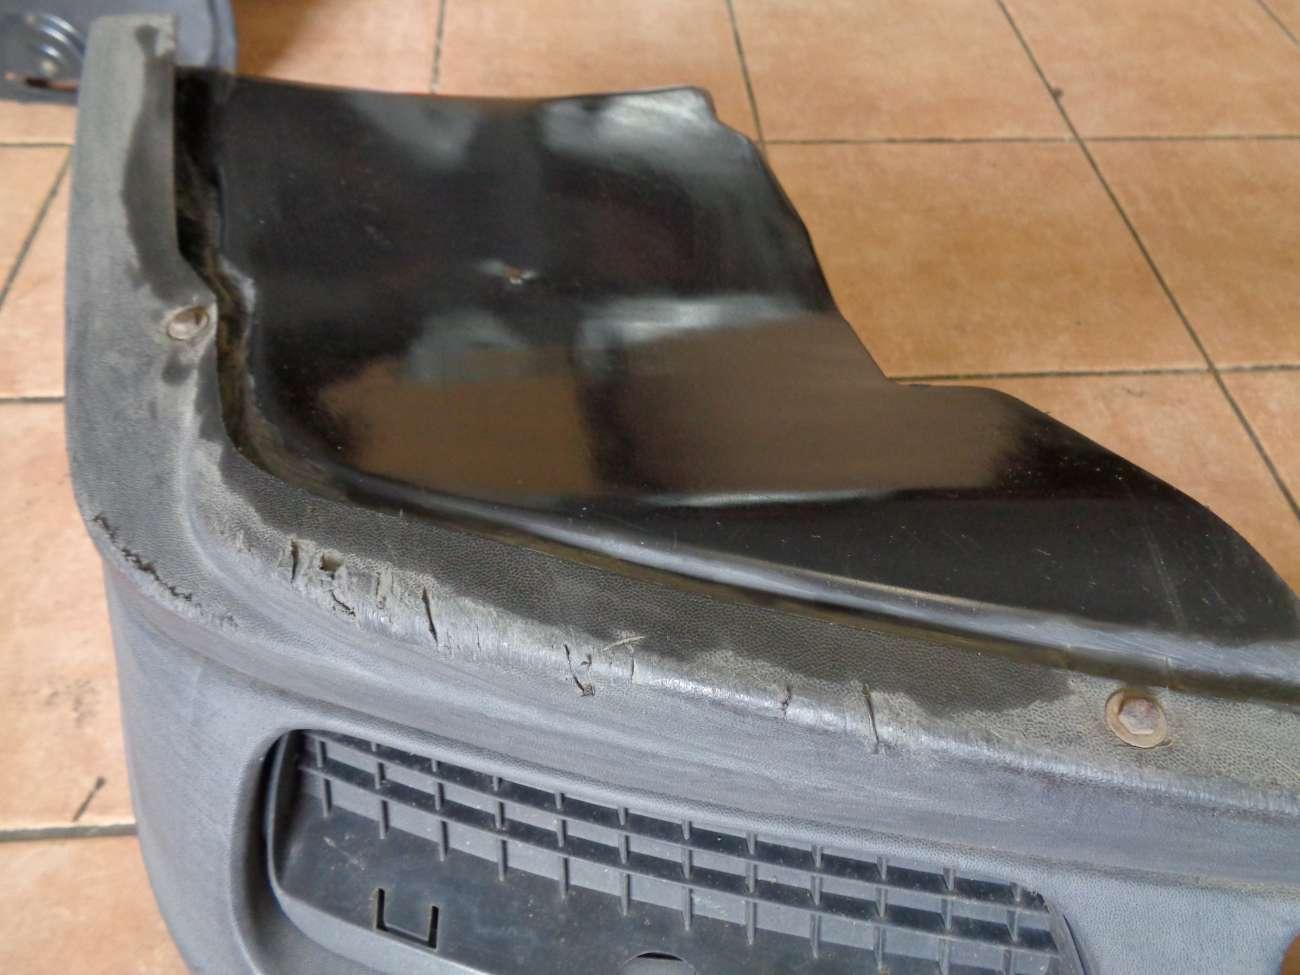 VW Golf 3 cabrio Stoßstange Frontschürze vorne 1H6807217 1H6805904 1H6805903